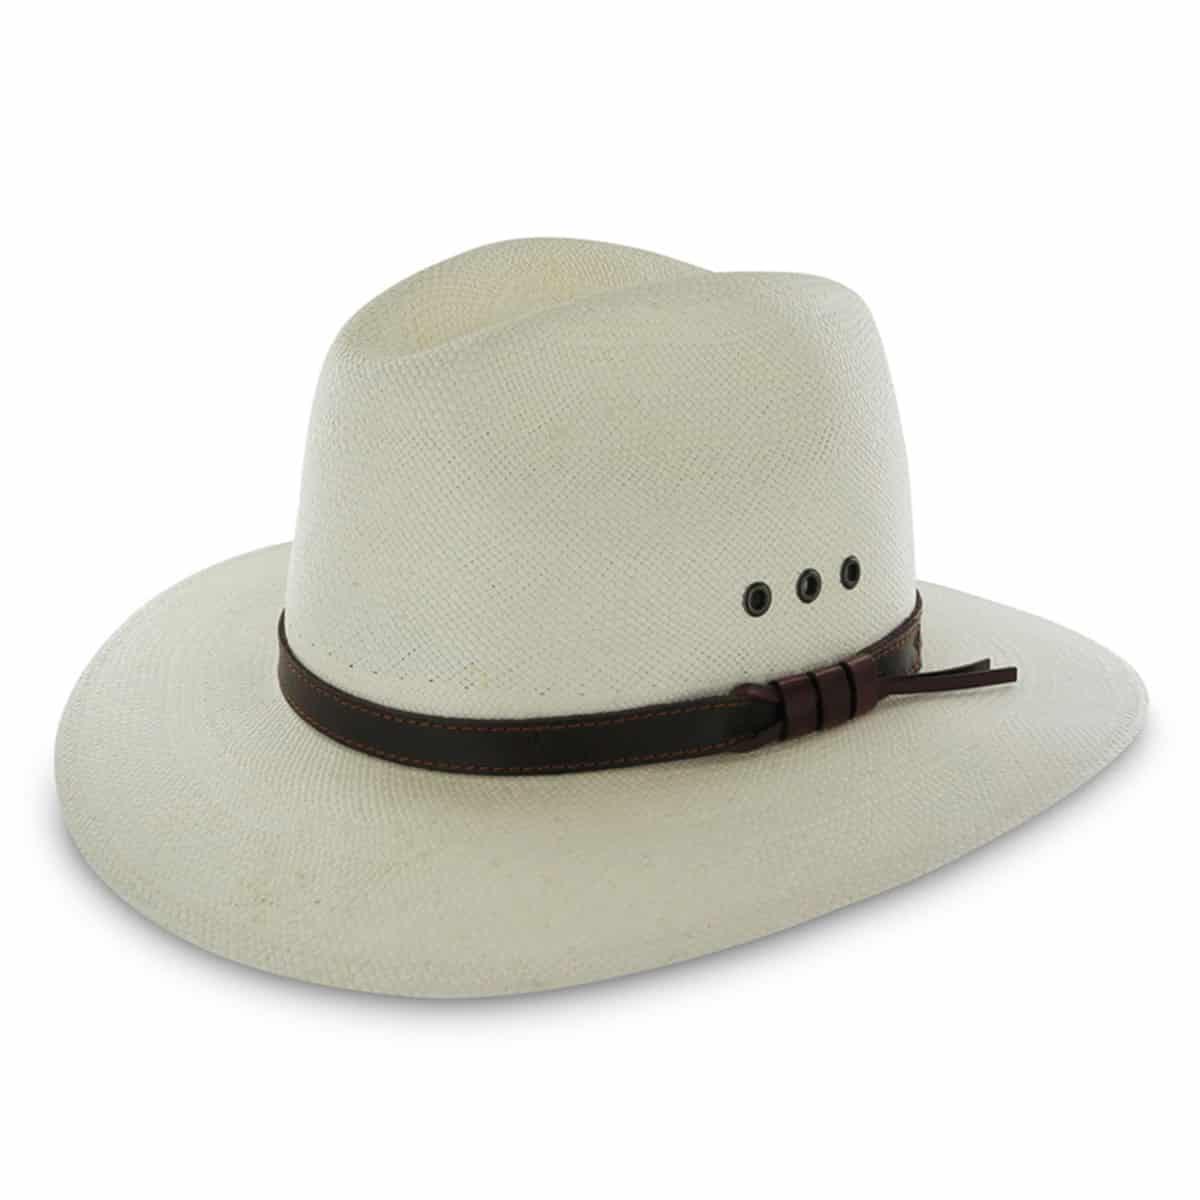 946d5499f6 Cappello panama originale | Sorbatti | Cappelli, Unisex